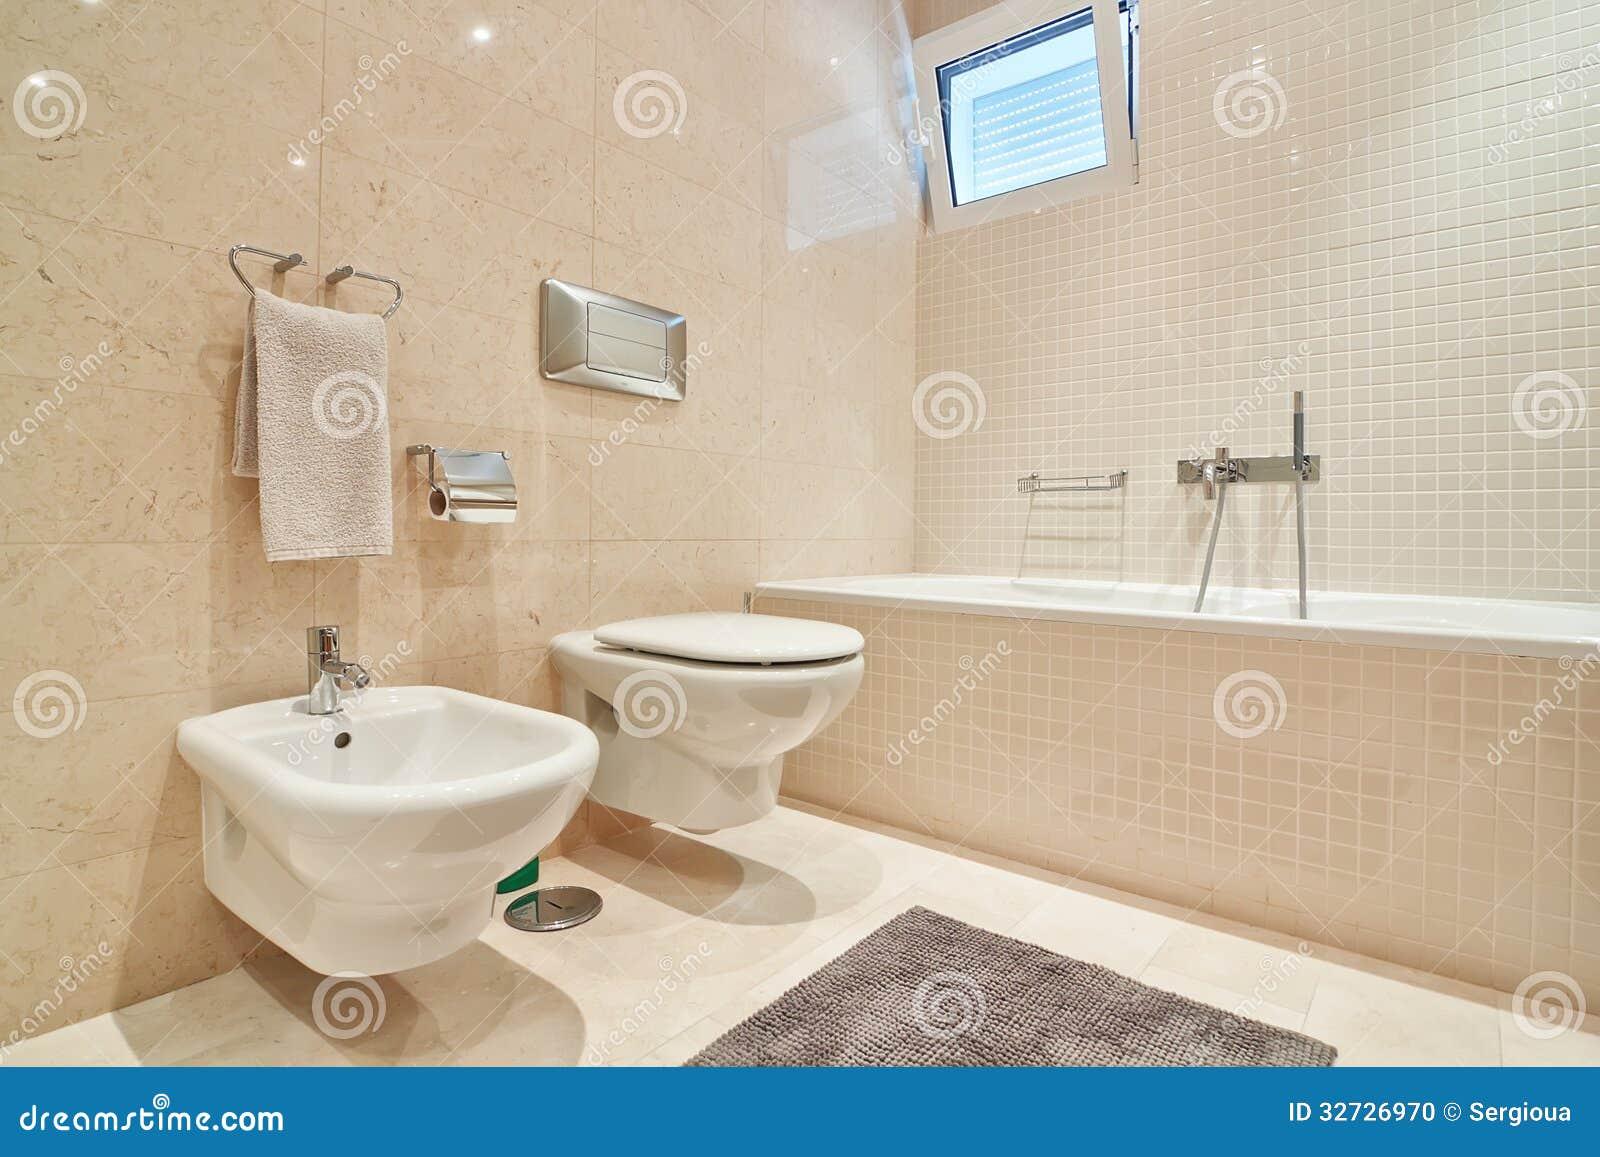 Toalete Moderno Com Azulejos E Banheiro Foto de Stock  Imagem 32726970 -> Azulejo Banheiro Moderno